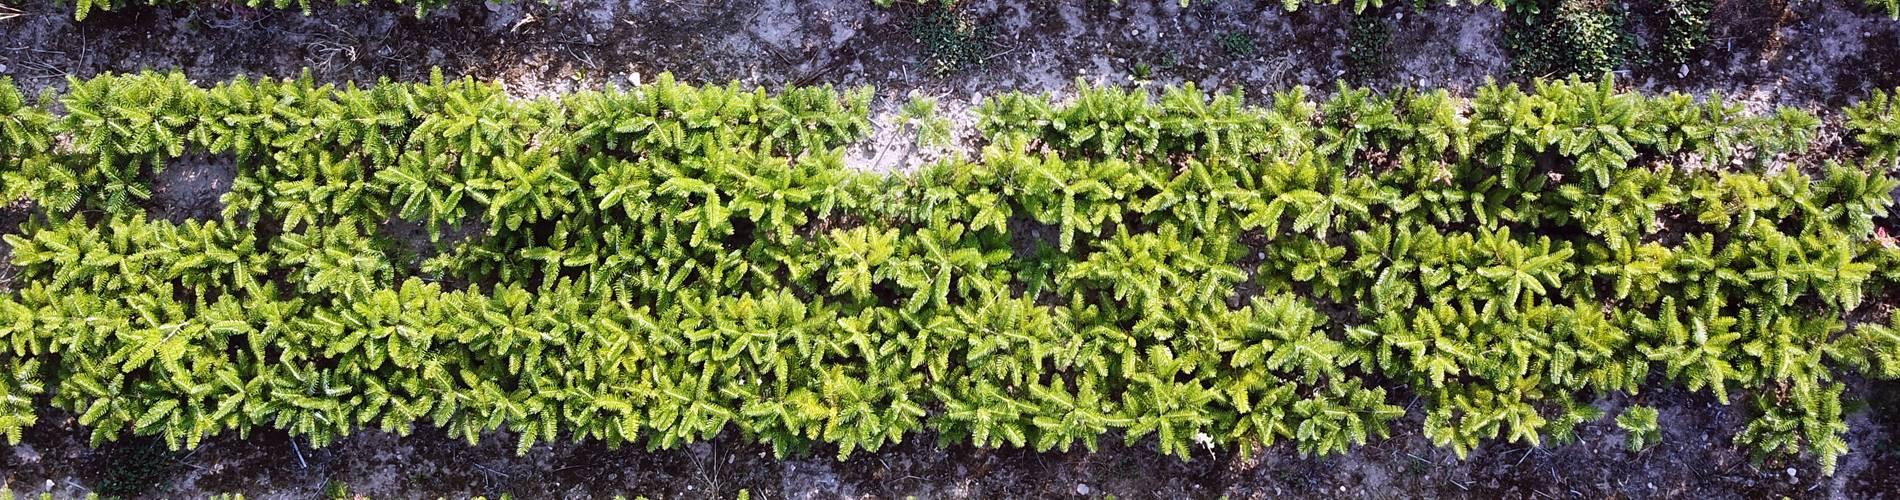 Tannenbaumplantage von oben